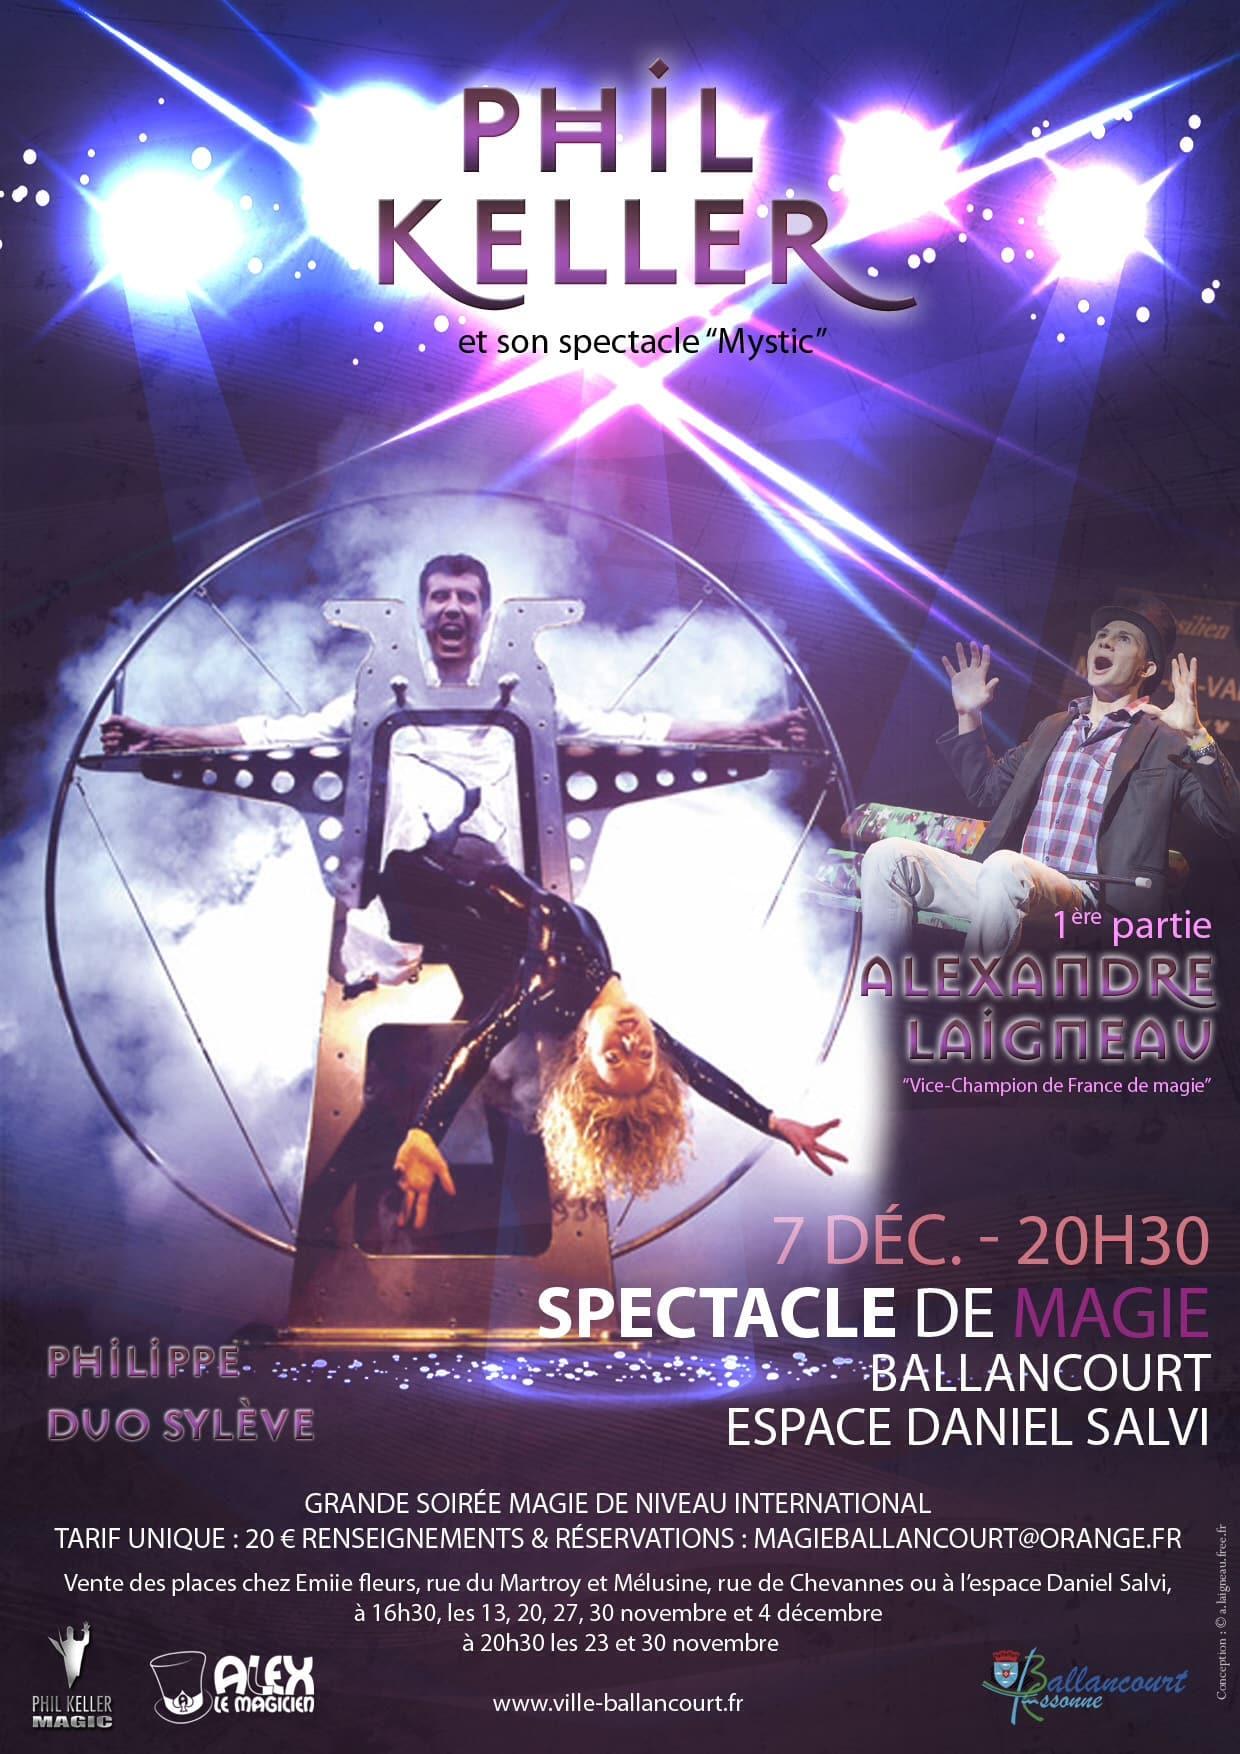 Spectacle international de magie à Ballancourt essonne